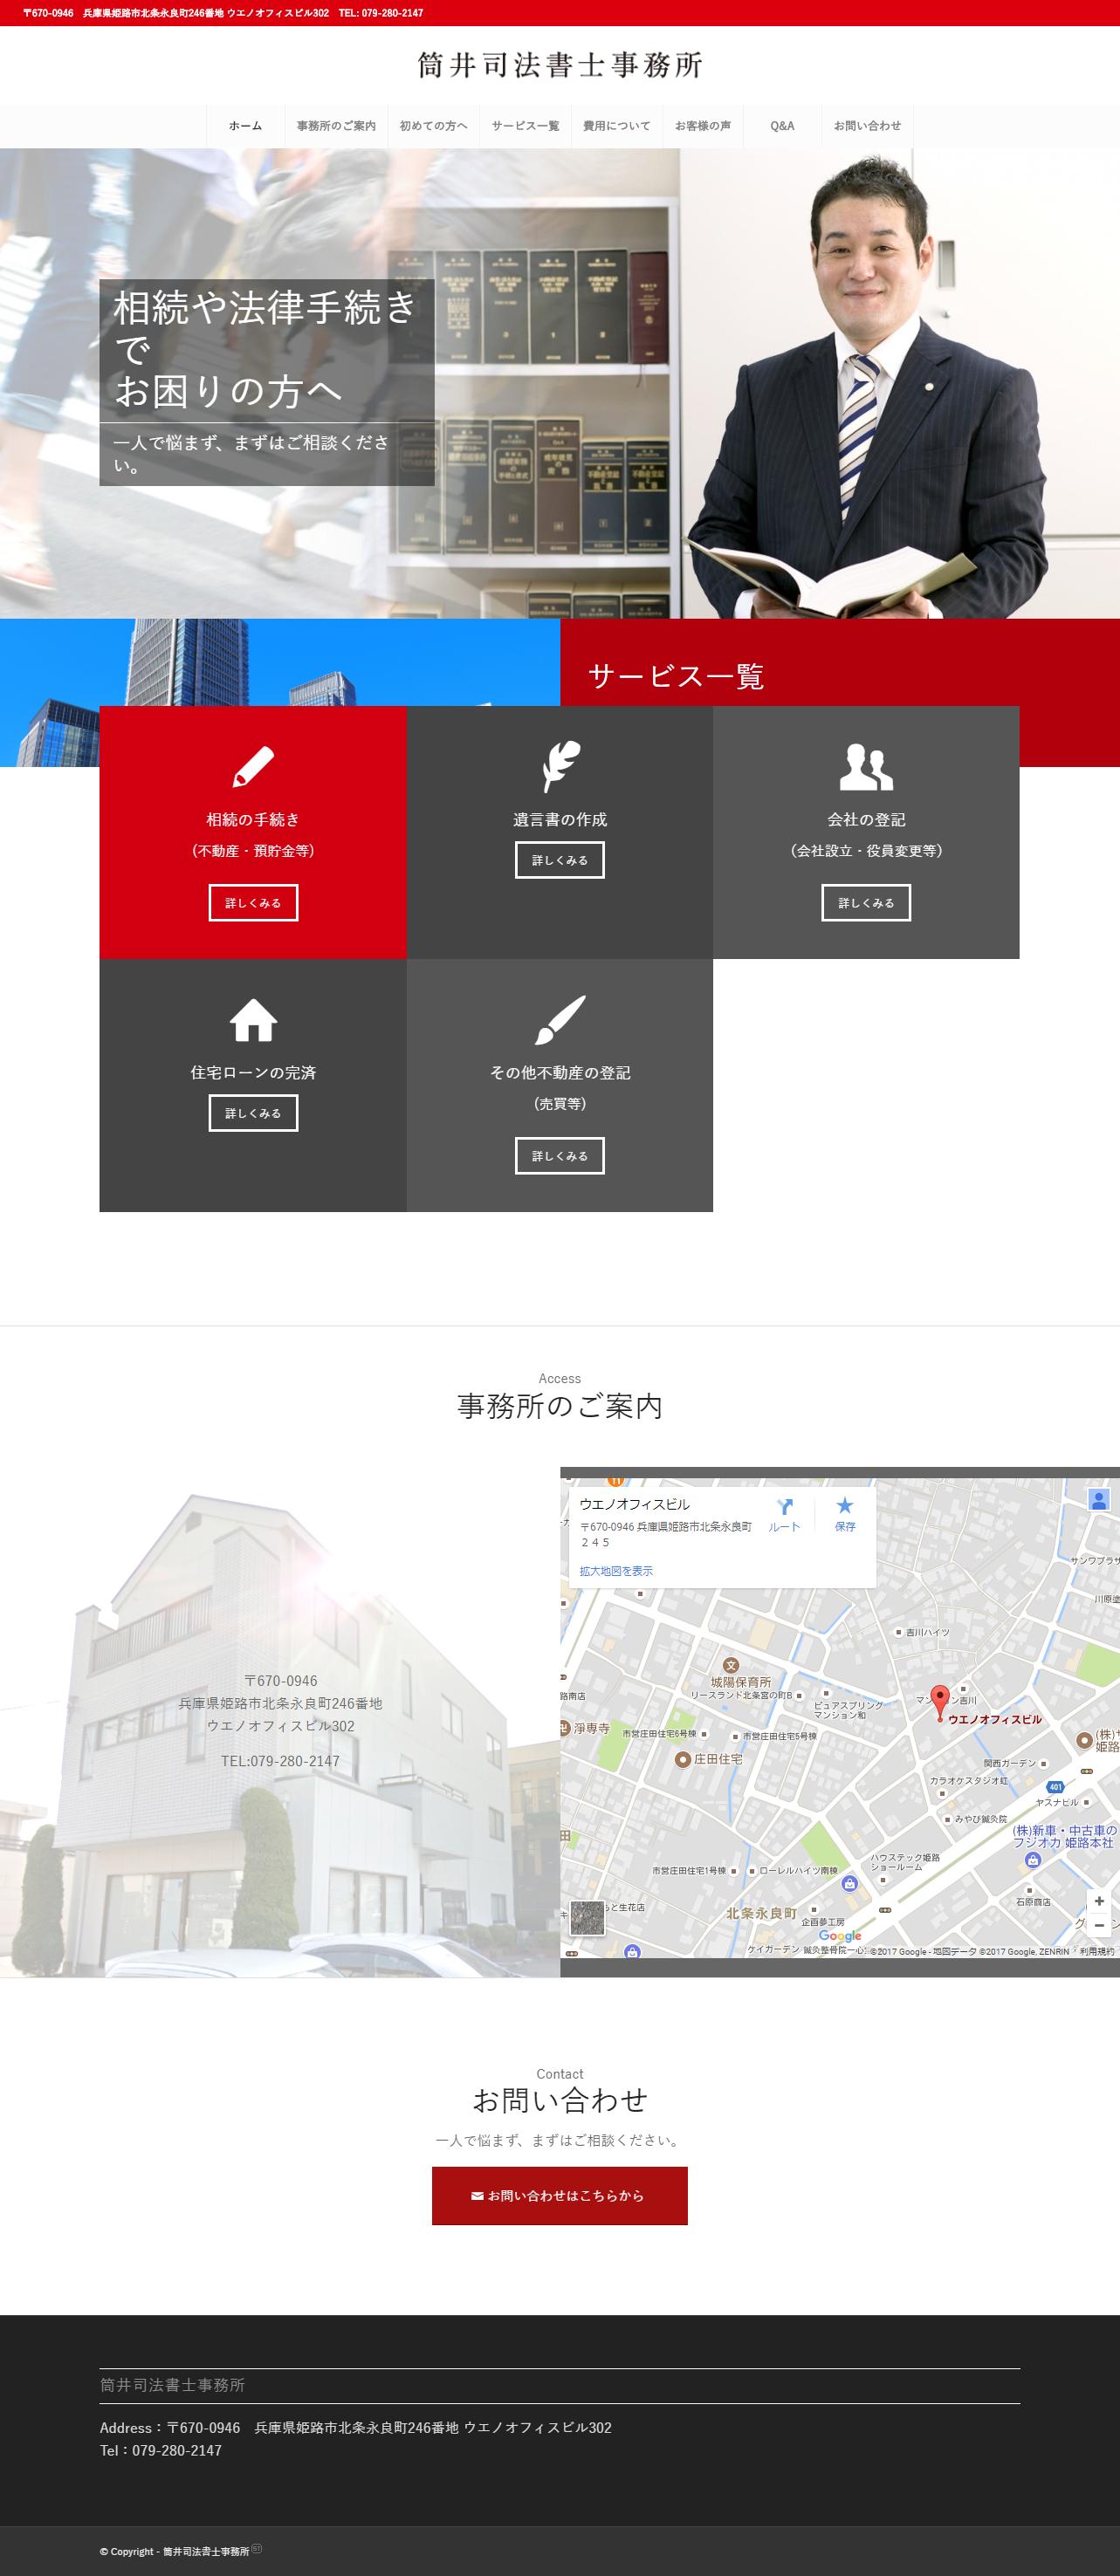 筒井司法書士事務所様ホームページ制作1